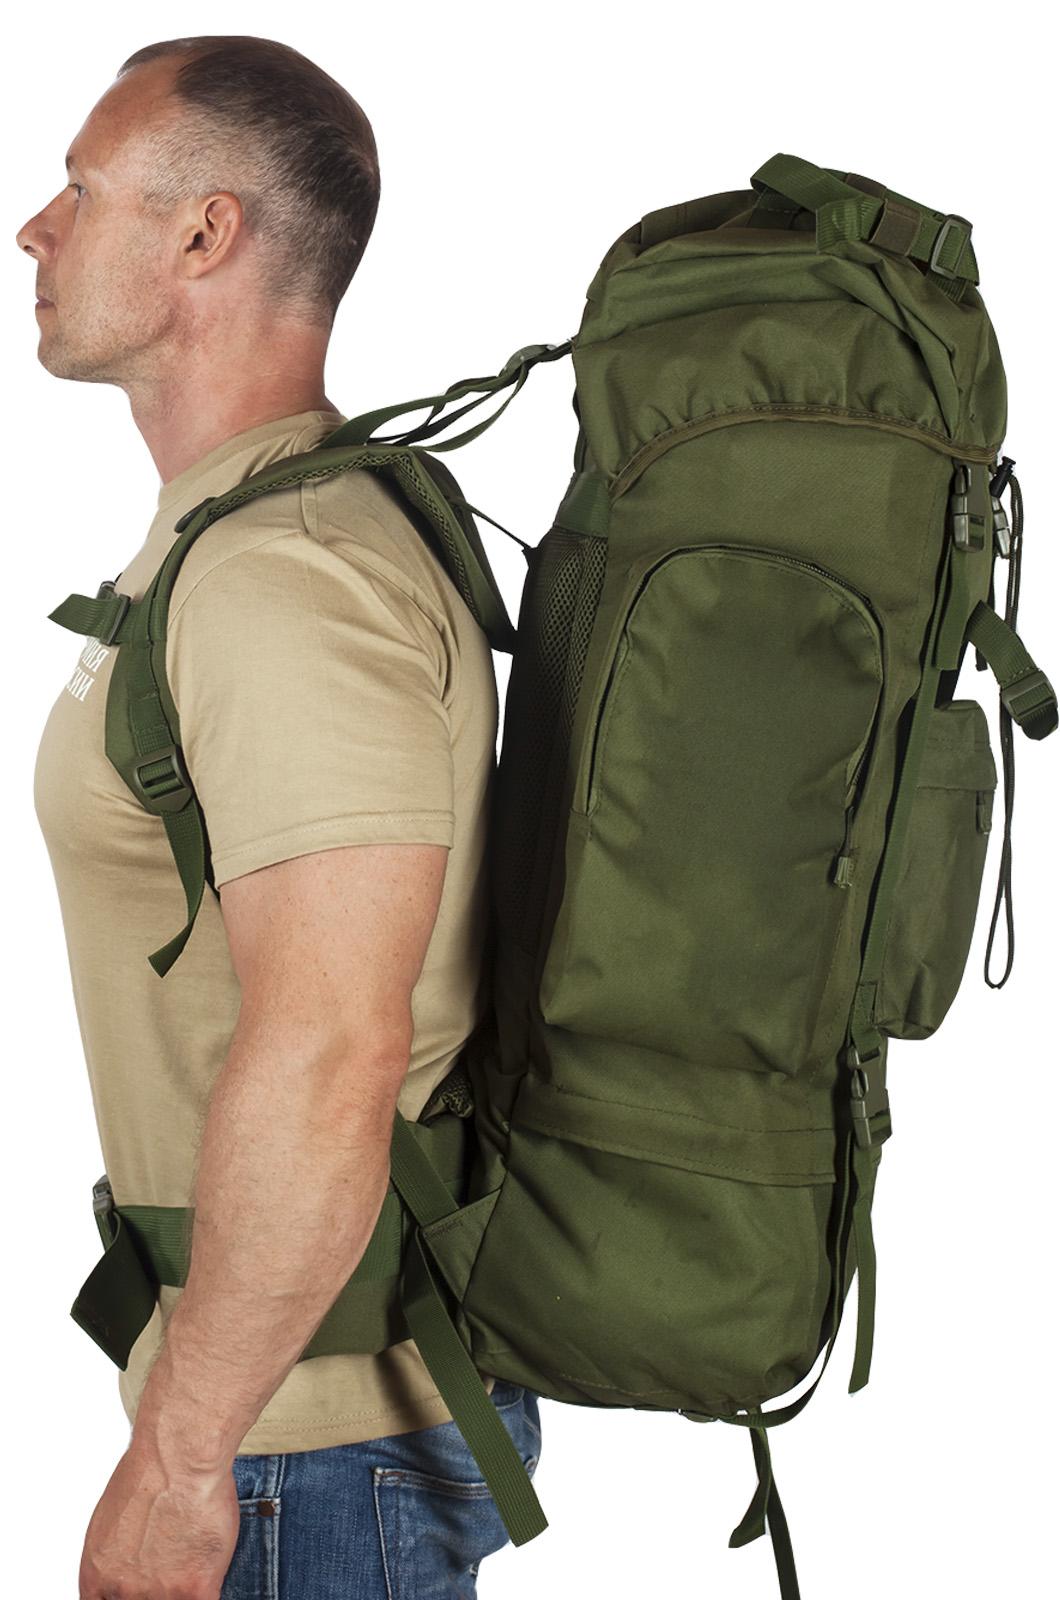 Тактический каркасный рюкзак с нашивкой МВД - купить в подарок